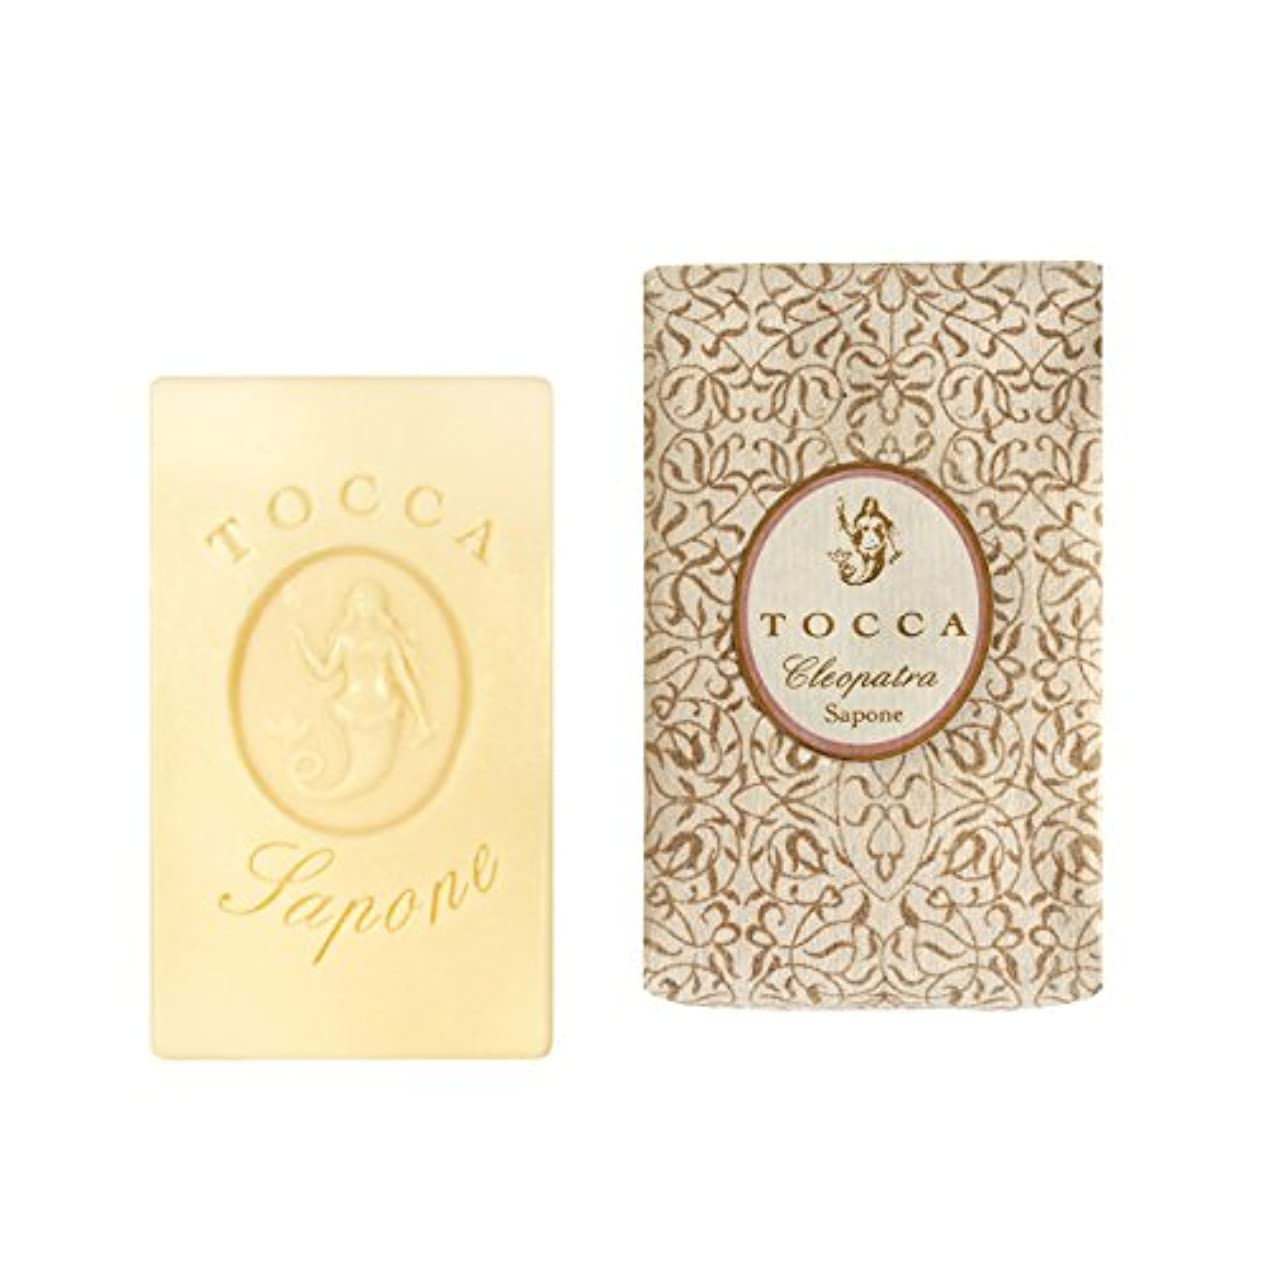 シルク指定ダーストッカ(TOCCA) ソープバー クレオパトラの香り 113g(石けん 化粧石けん グレープフルーツとキューカンバーのフレッシュでクリーンな香り)